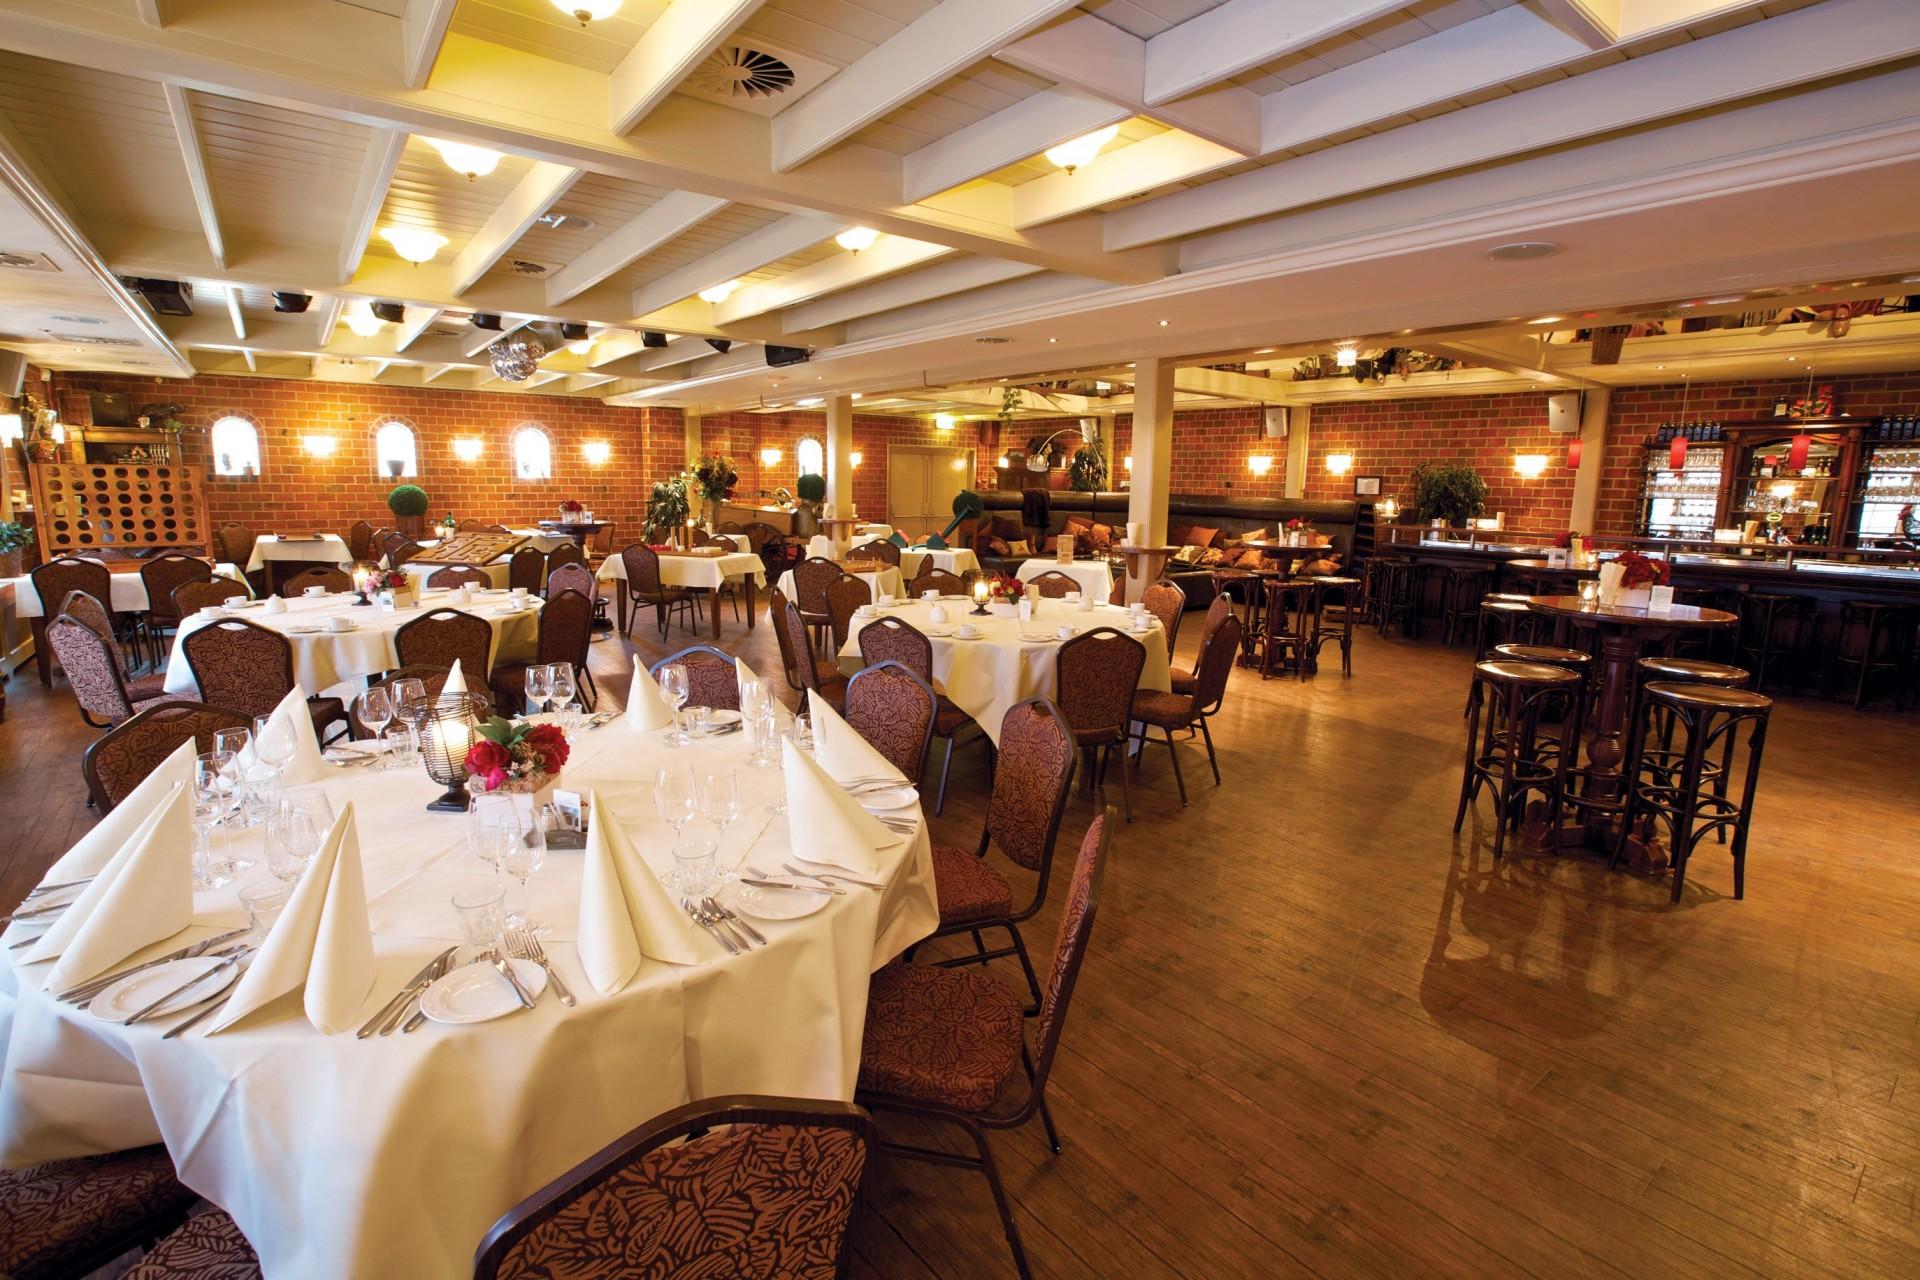 Nadorst-restaurant-uitspanning-faciliteiten-zalen-de-deel-1